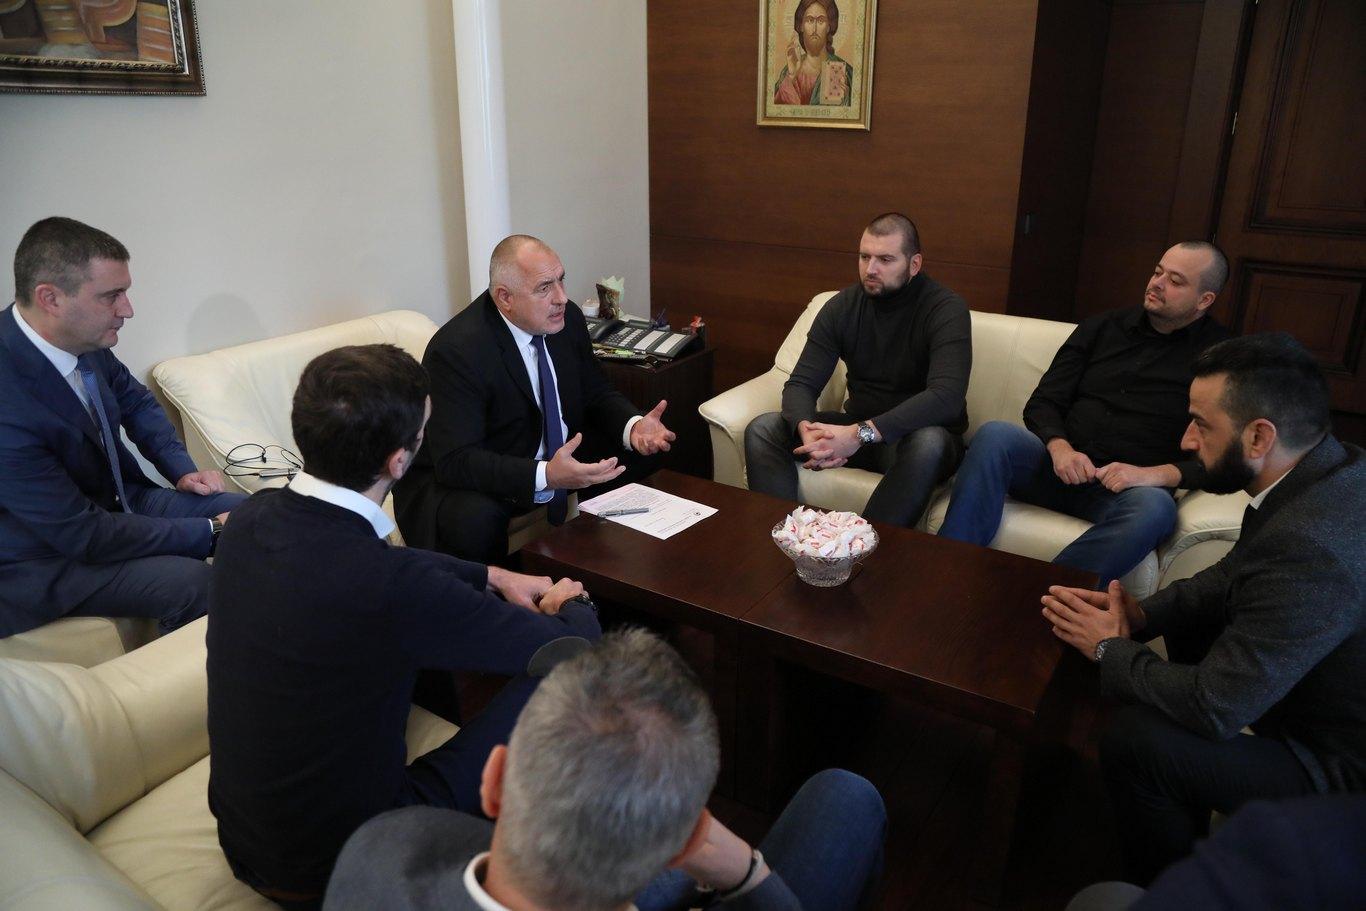 Хиндлиян към Борисов: Какви са вашите виждания и как ще я караме оттук нататък? (ВИДЕО) | KotaSport